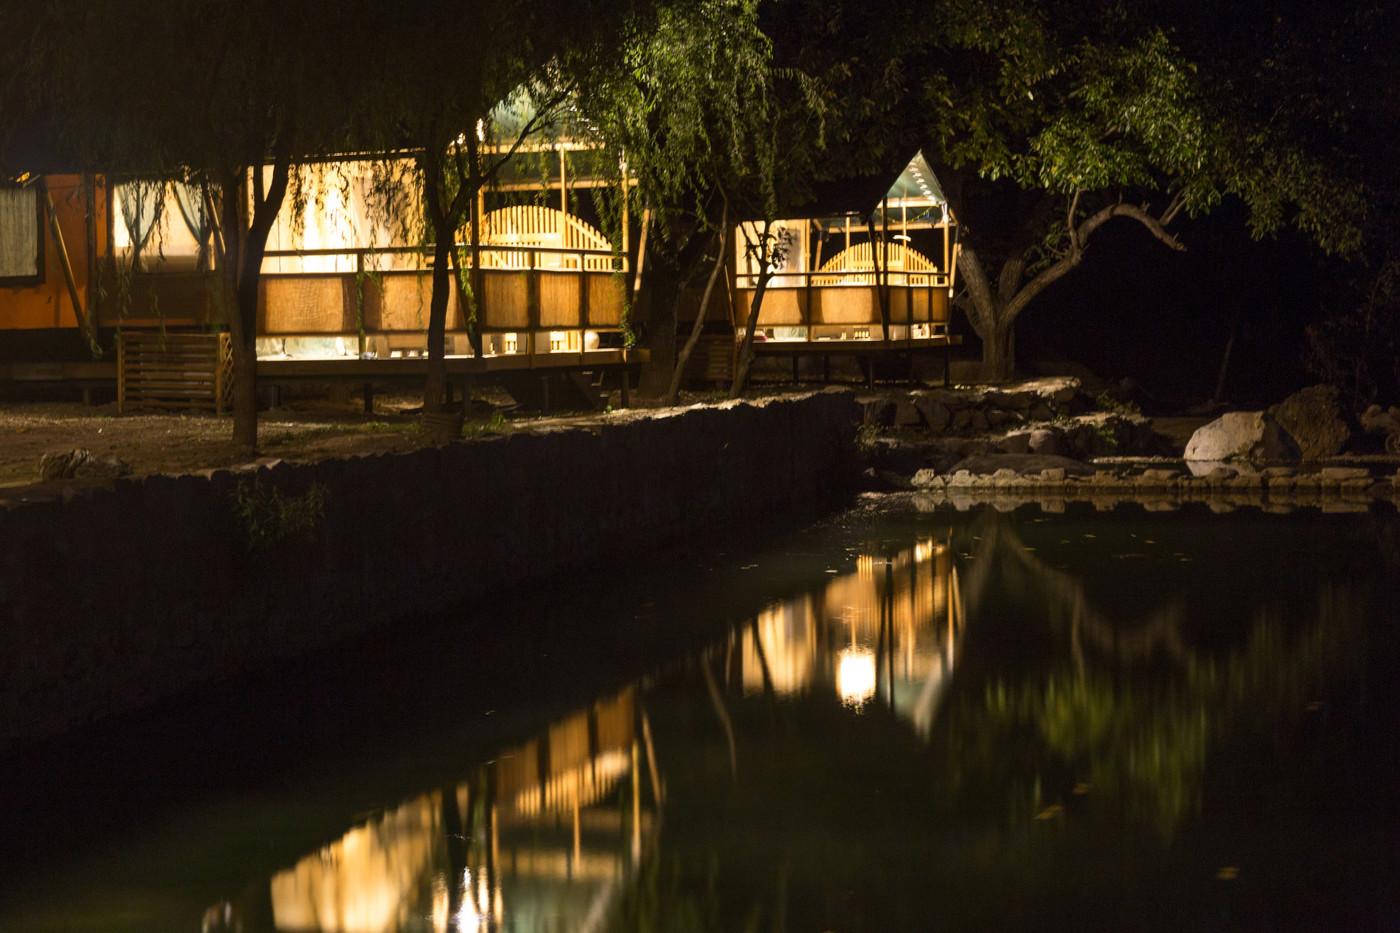 喜马拉雅野奢帐篷酒店一北京石头 剪刀 布一私享院子 54平山谷型  28